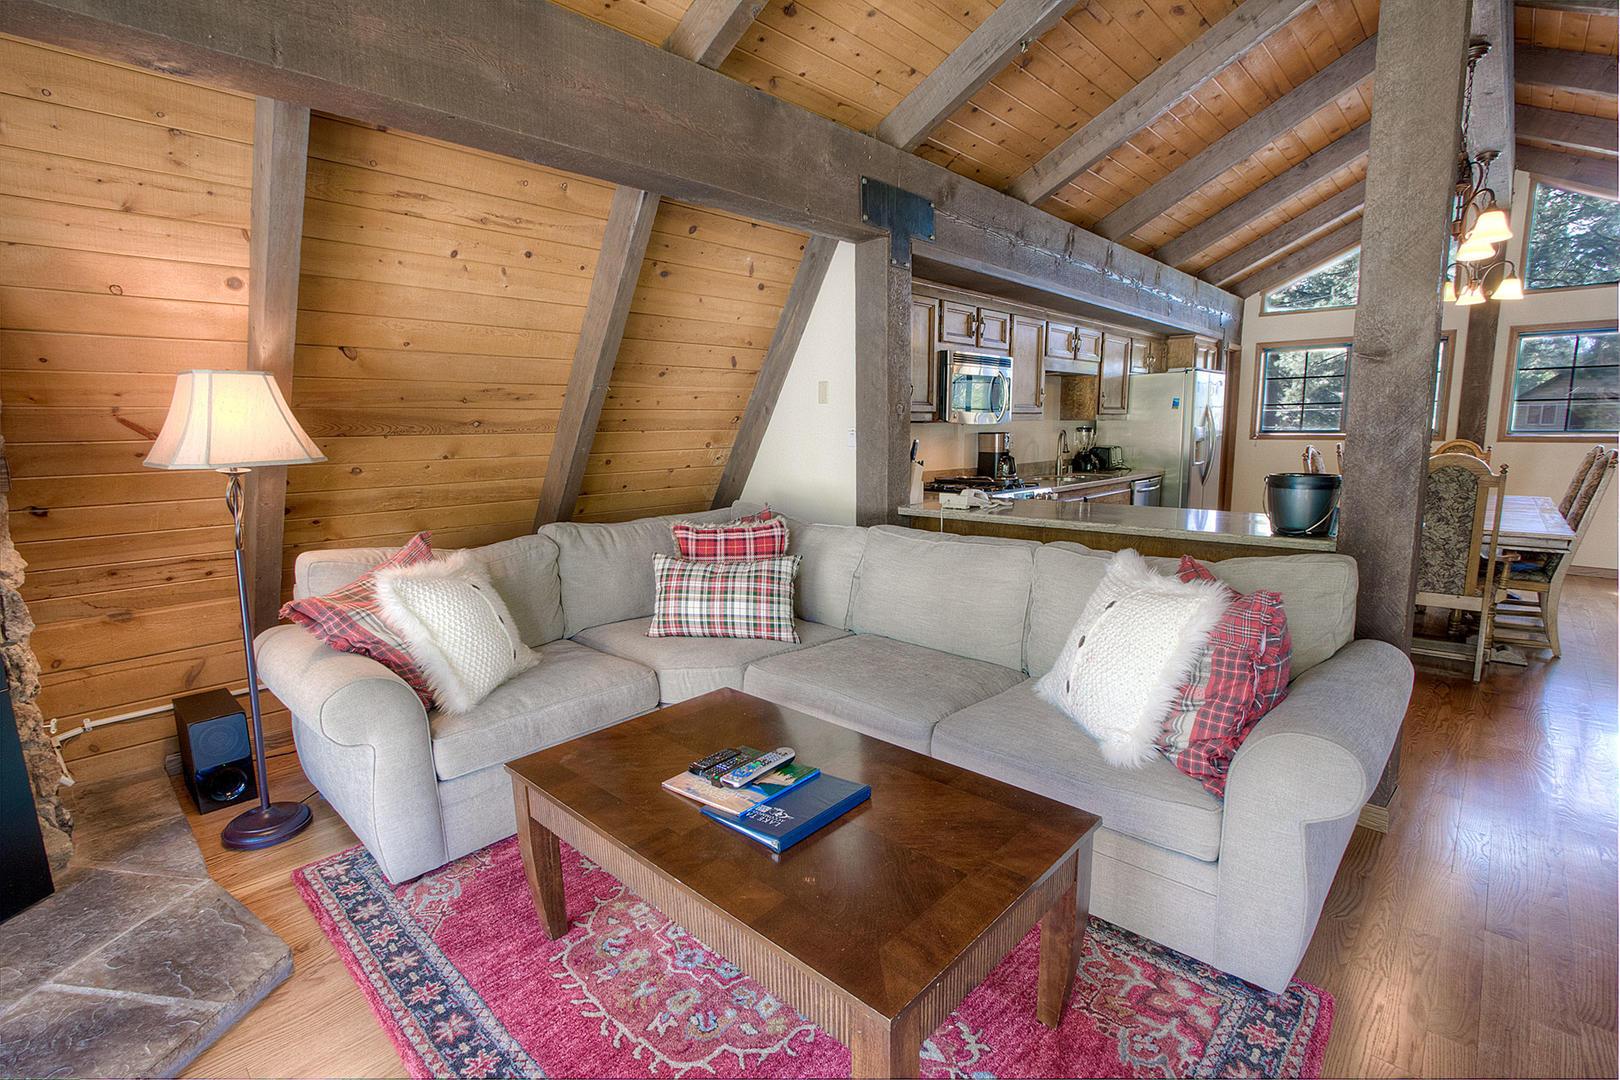 cyh1024 living room